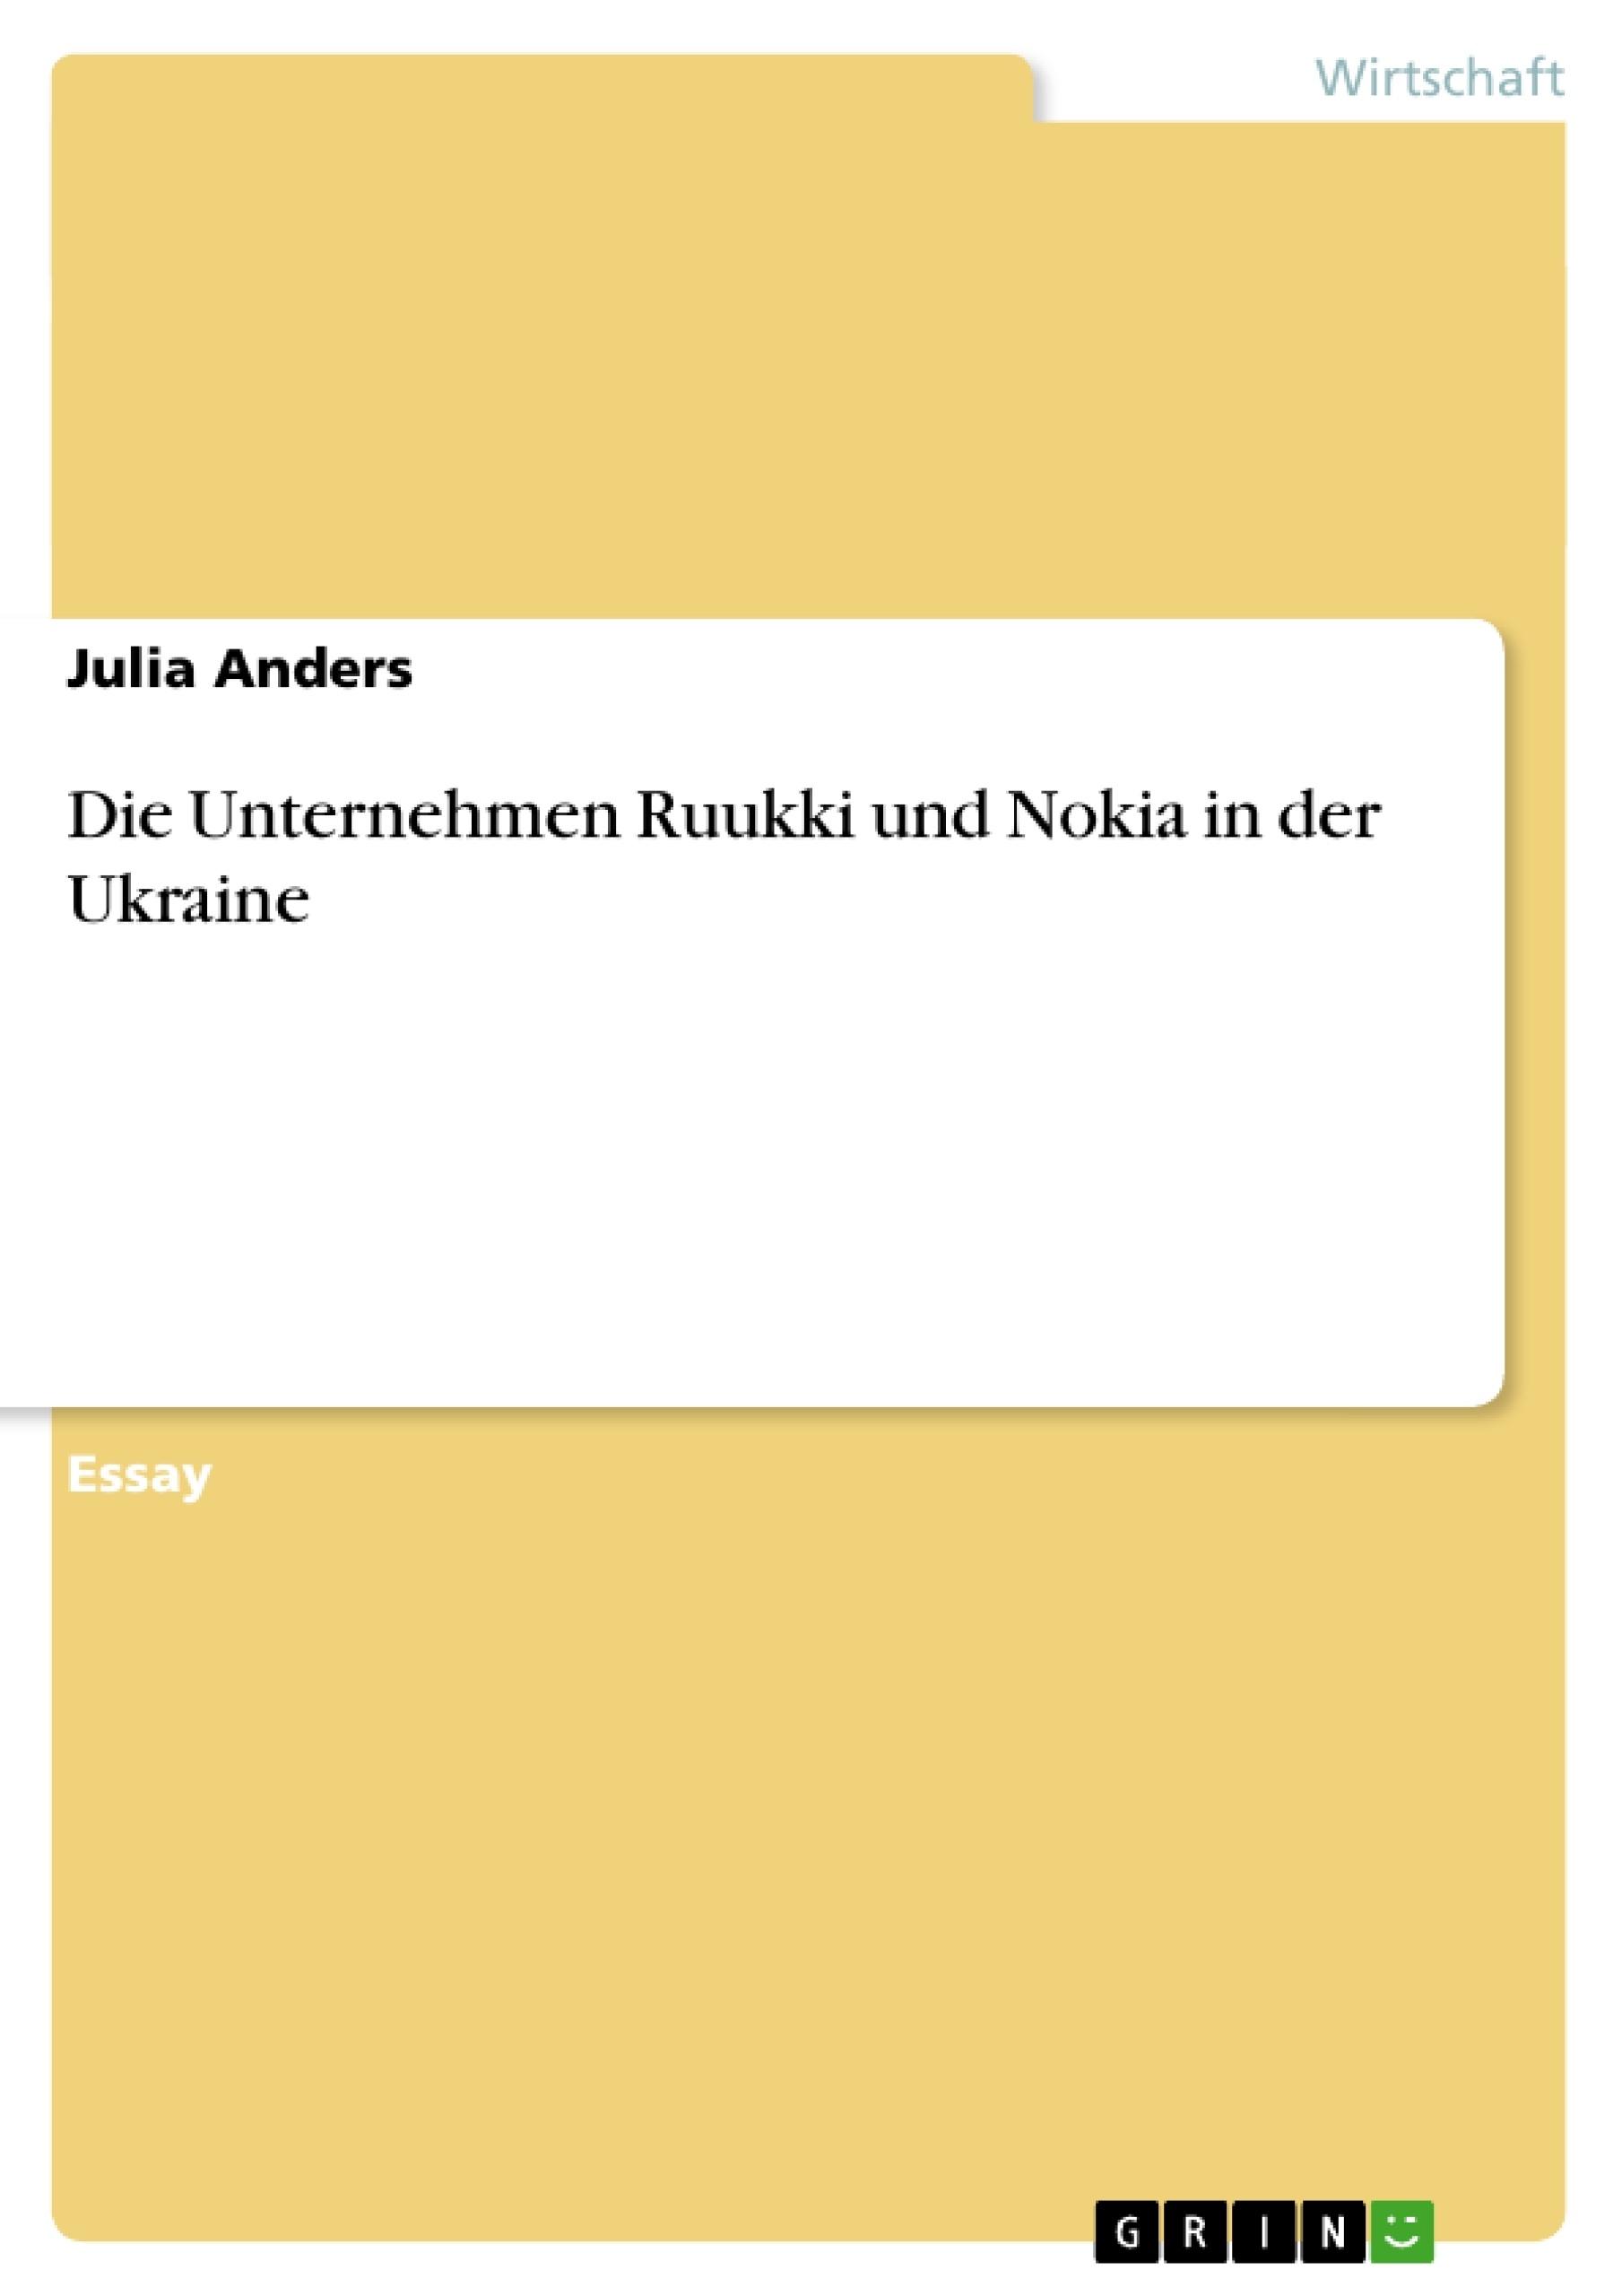 Titel: Die Unternehmen Ruukki und Nokia in der Ukraine